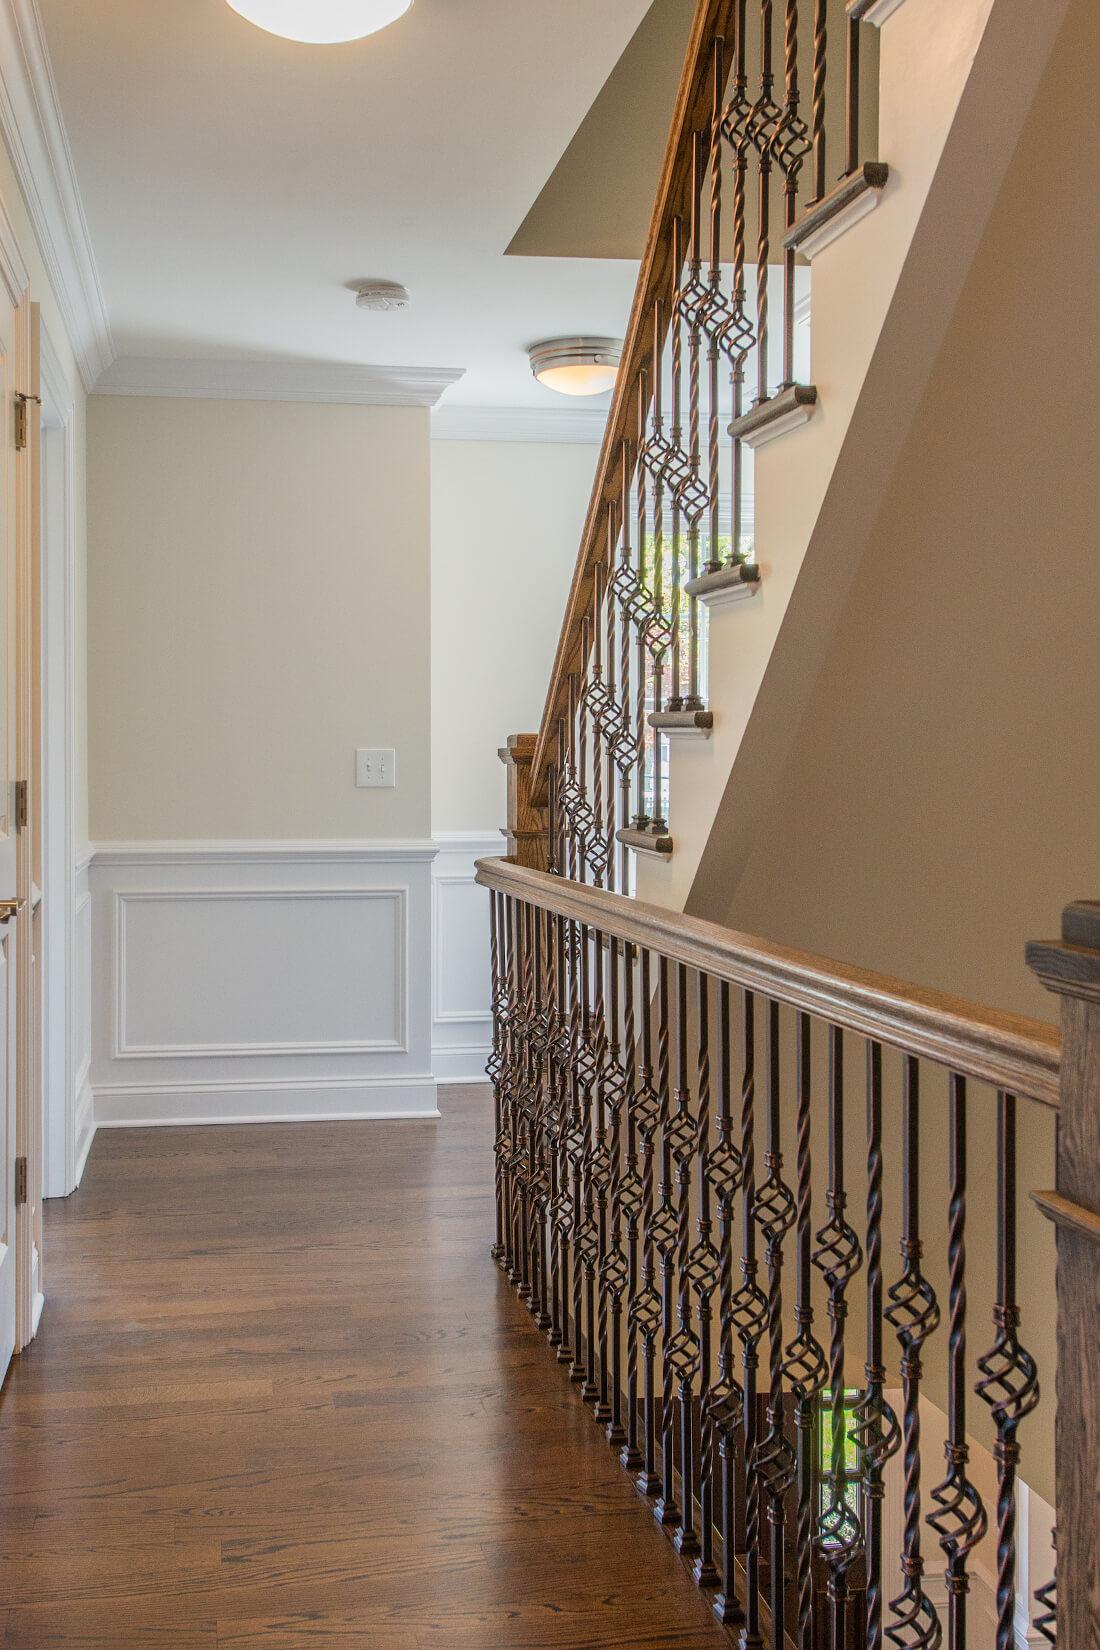 713 2nd Floor hallway